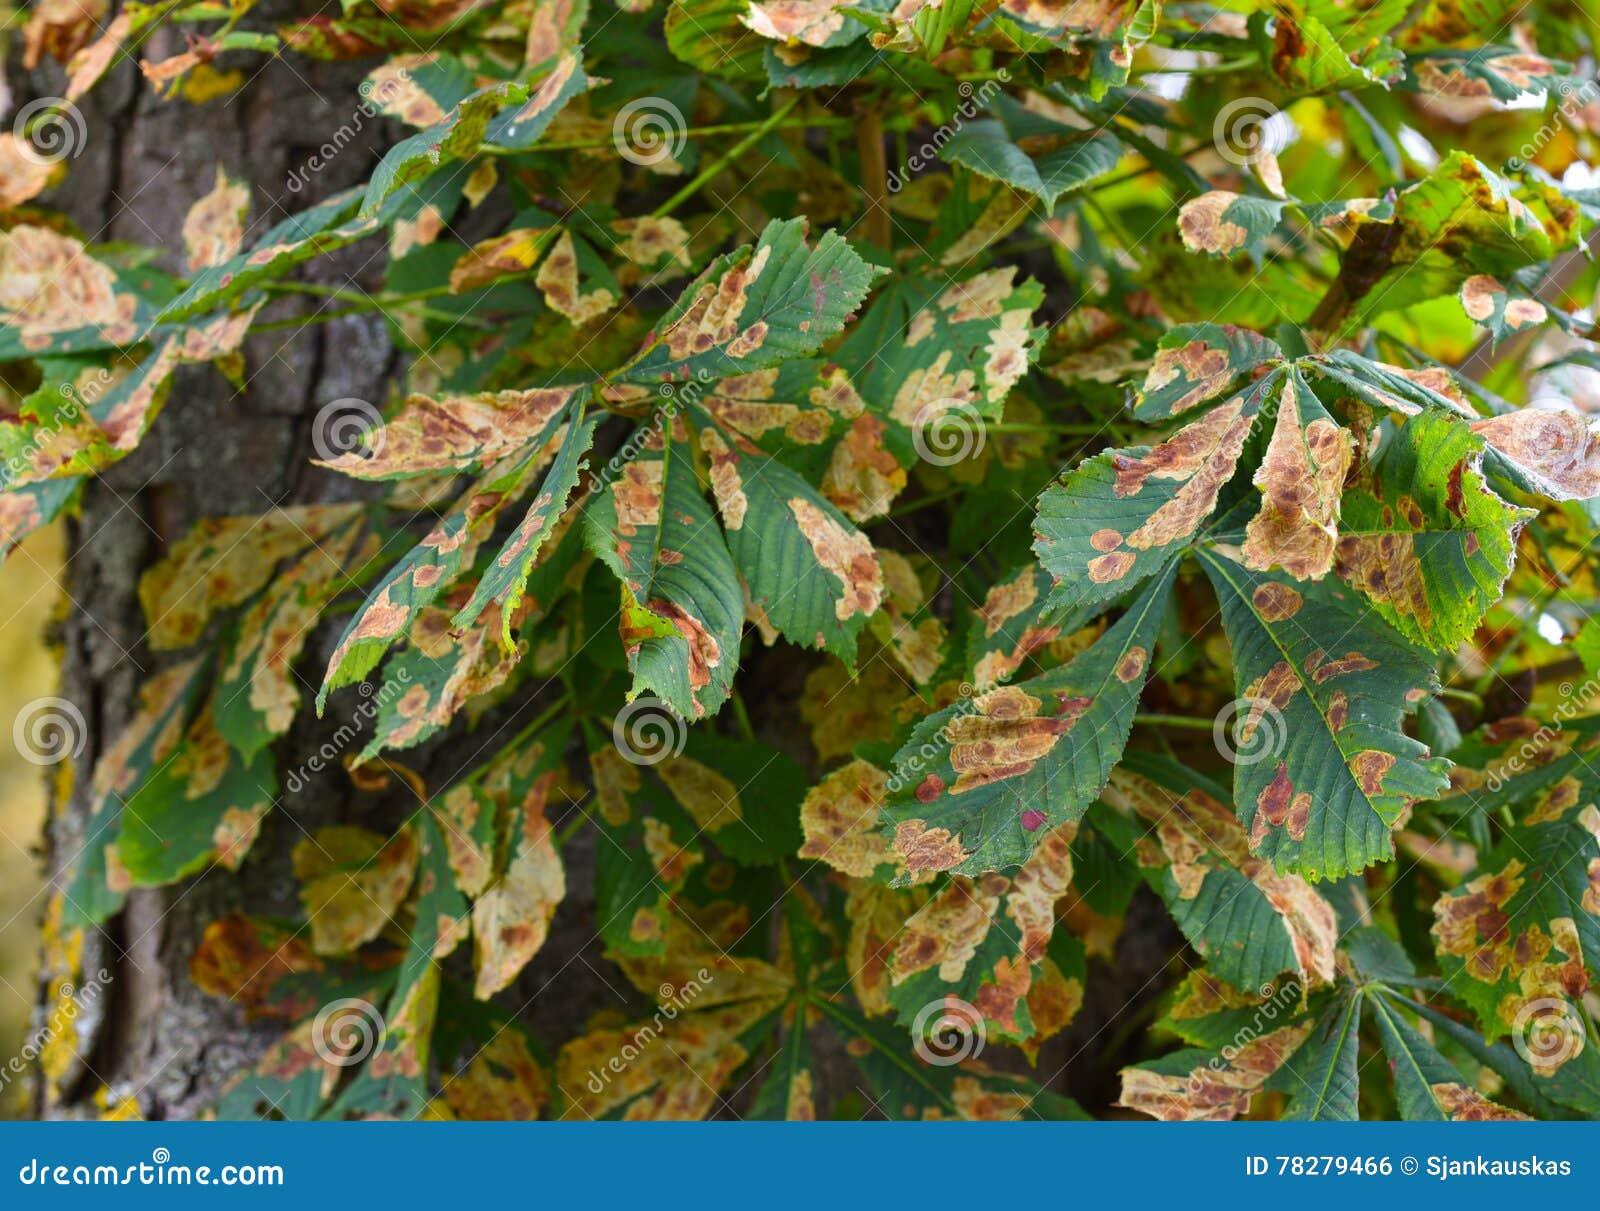 Личинка gracillariidae болезни растения лист дерева конского каштана